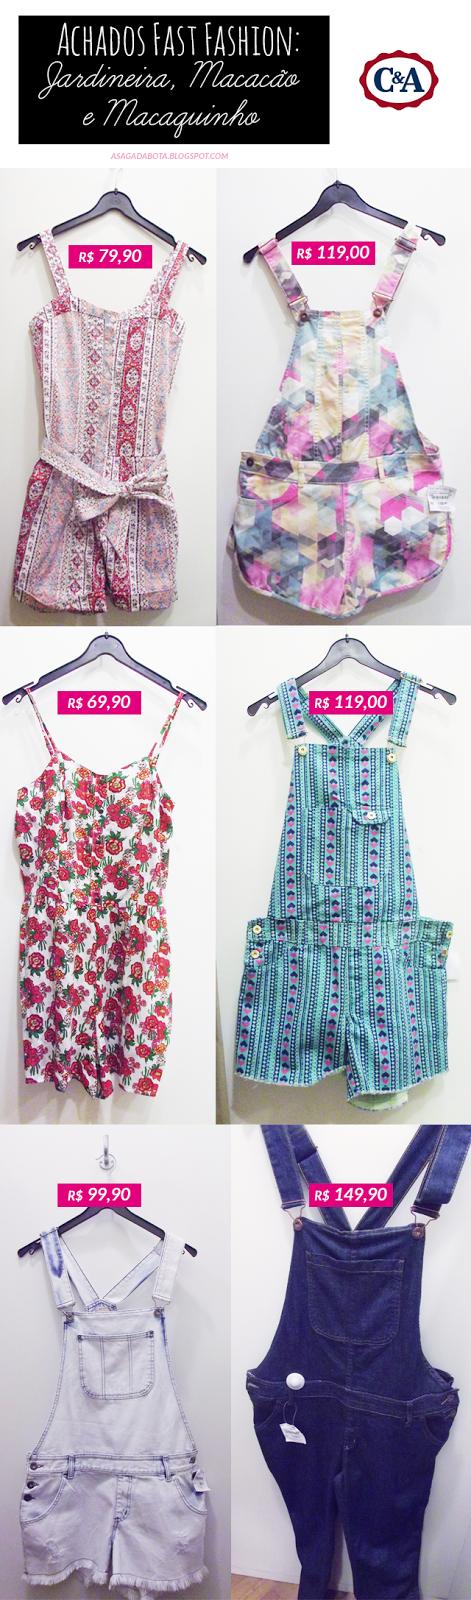 coleção primavera verão 2015, Fast fashion, onde comprar jardineira, onde comprar macacão